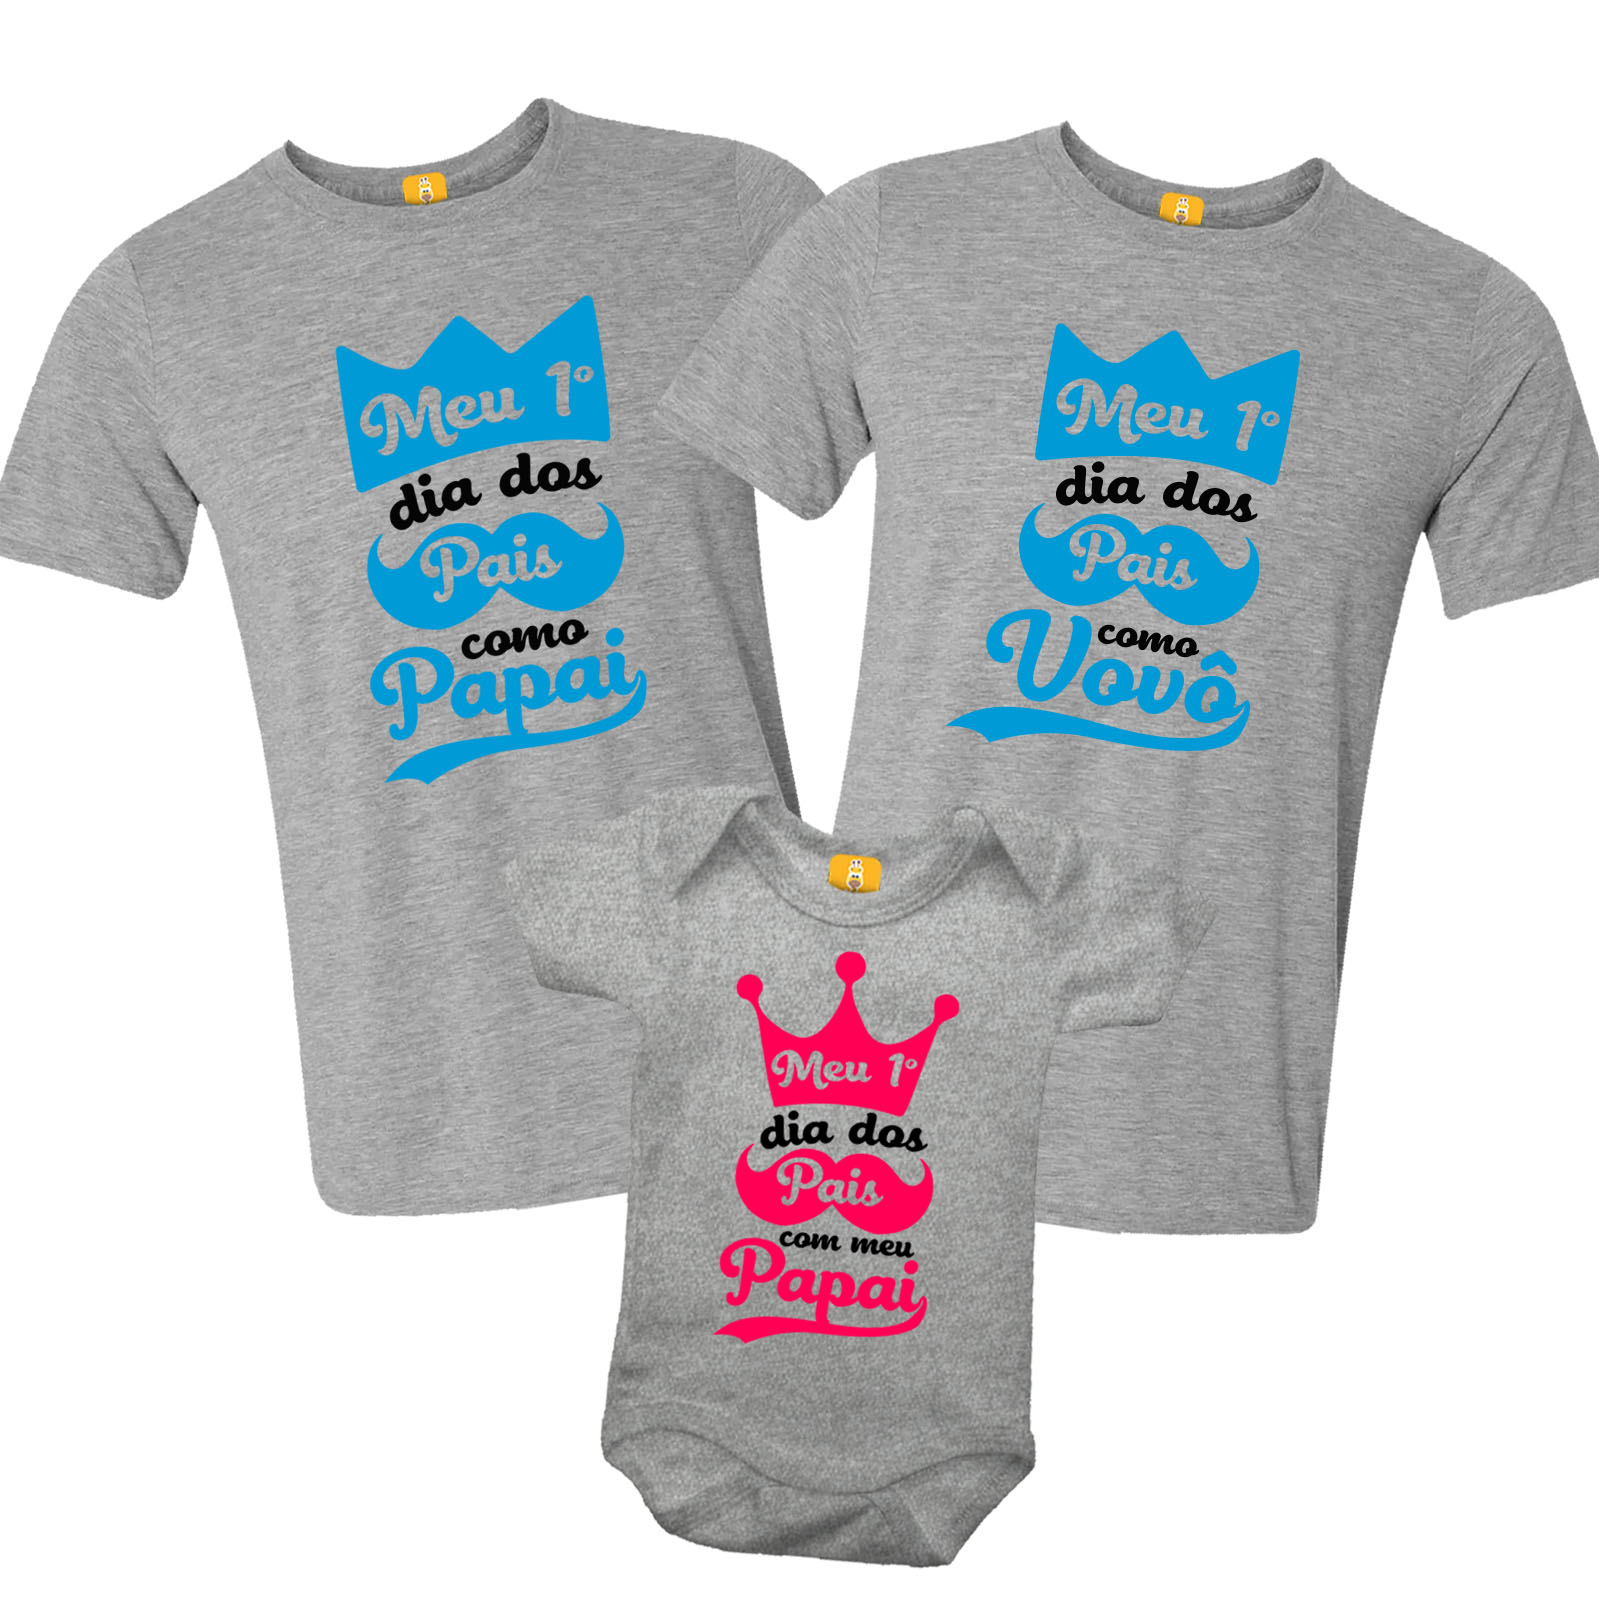 Kit Camiseta e Body - Meu primeiro dia dos Pais como Papai e Vovô - Realeza 3 Peças - CINZA